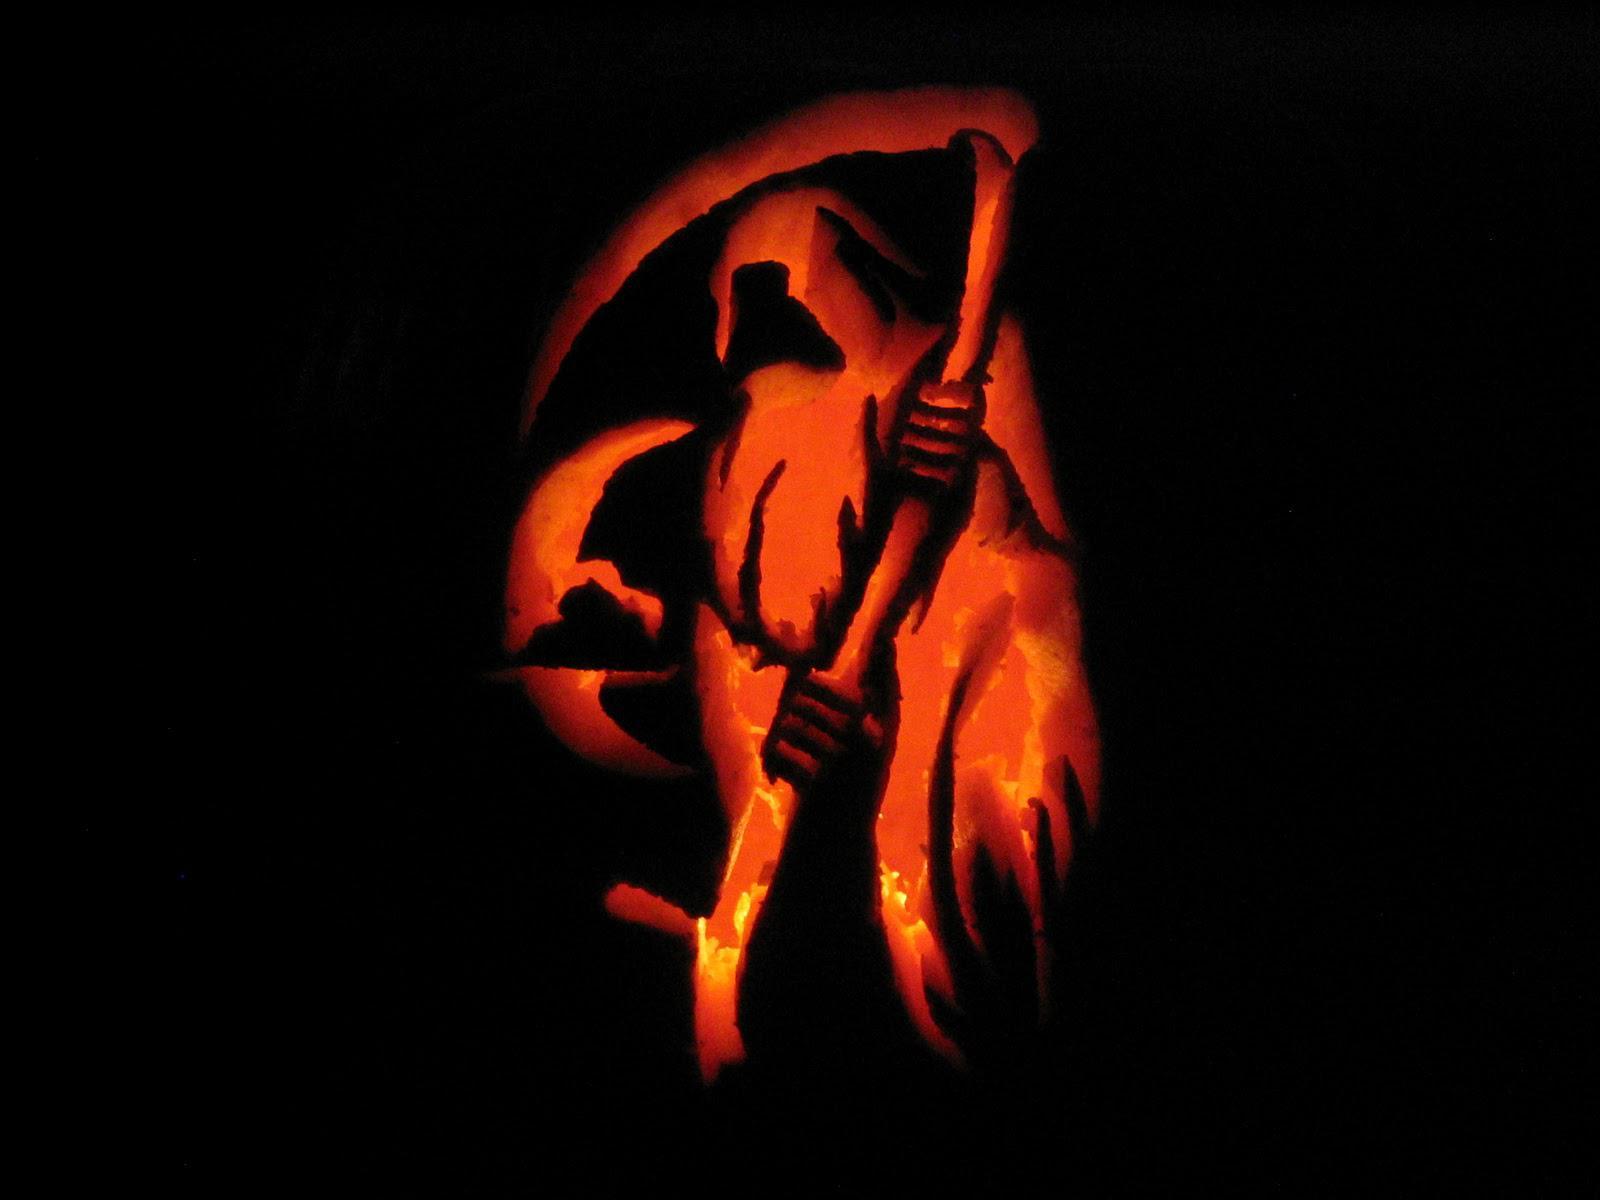 Wolfenstein Hd Wallpapers Hd Dark Grim Reaper Horror Skeletons Skull Creepy High